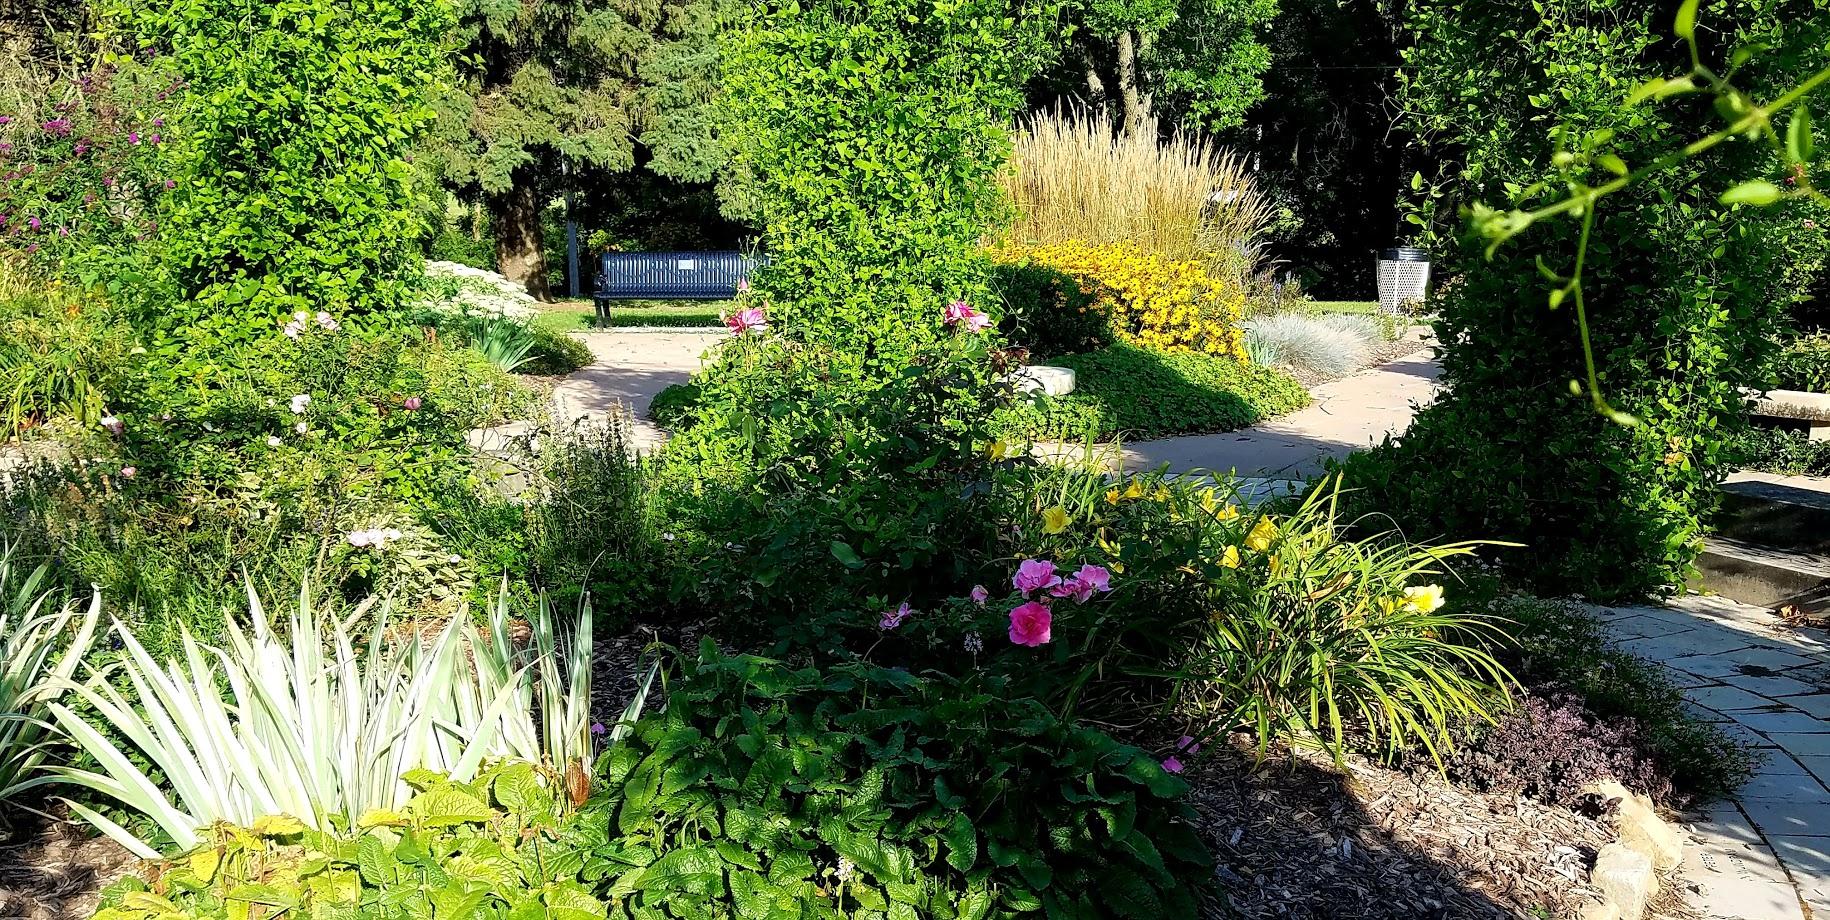 Centennial Gardens in Bettendorf Iowa by FlowerChick.com